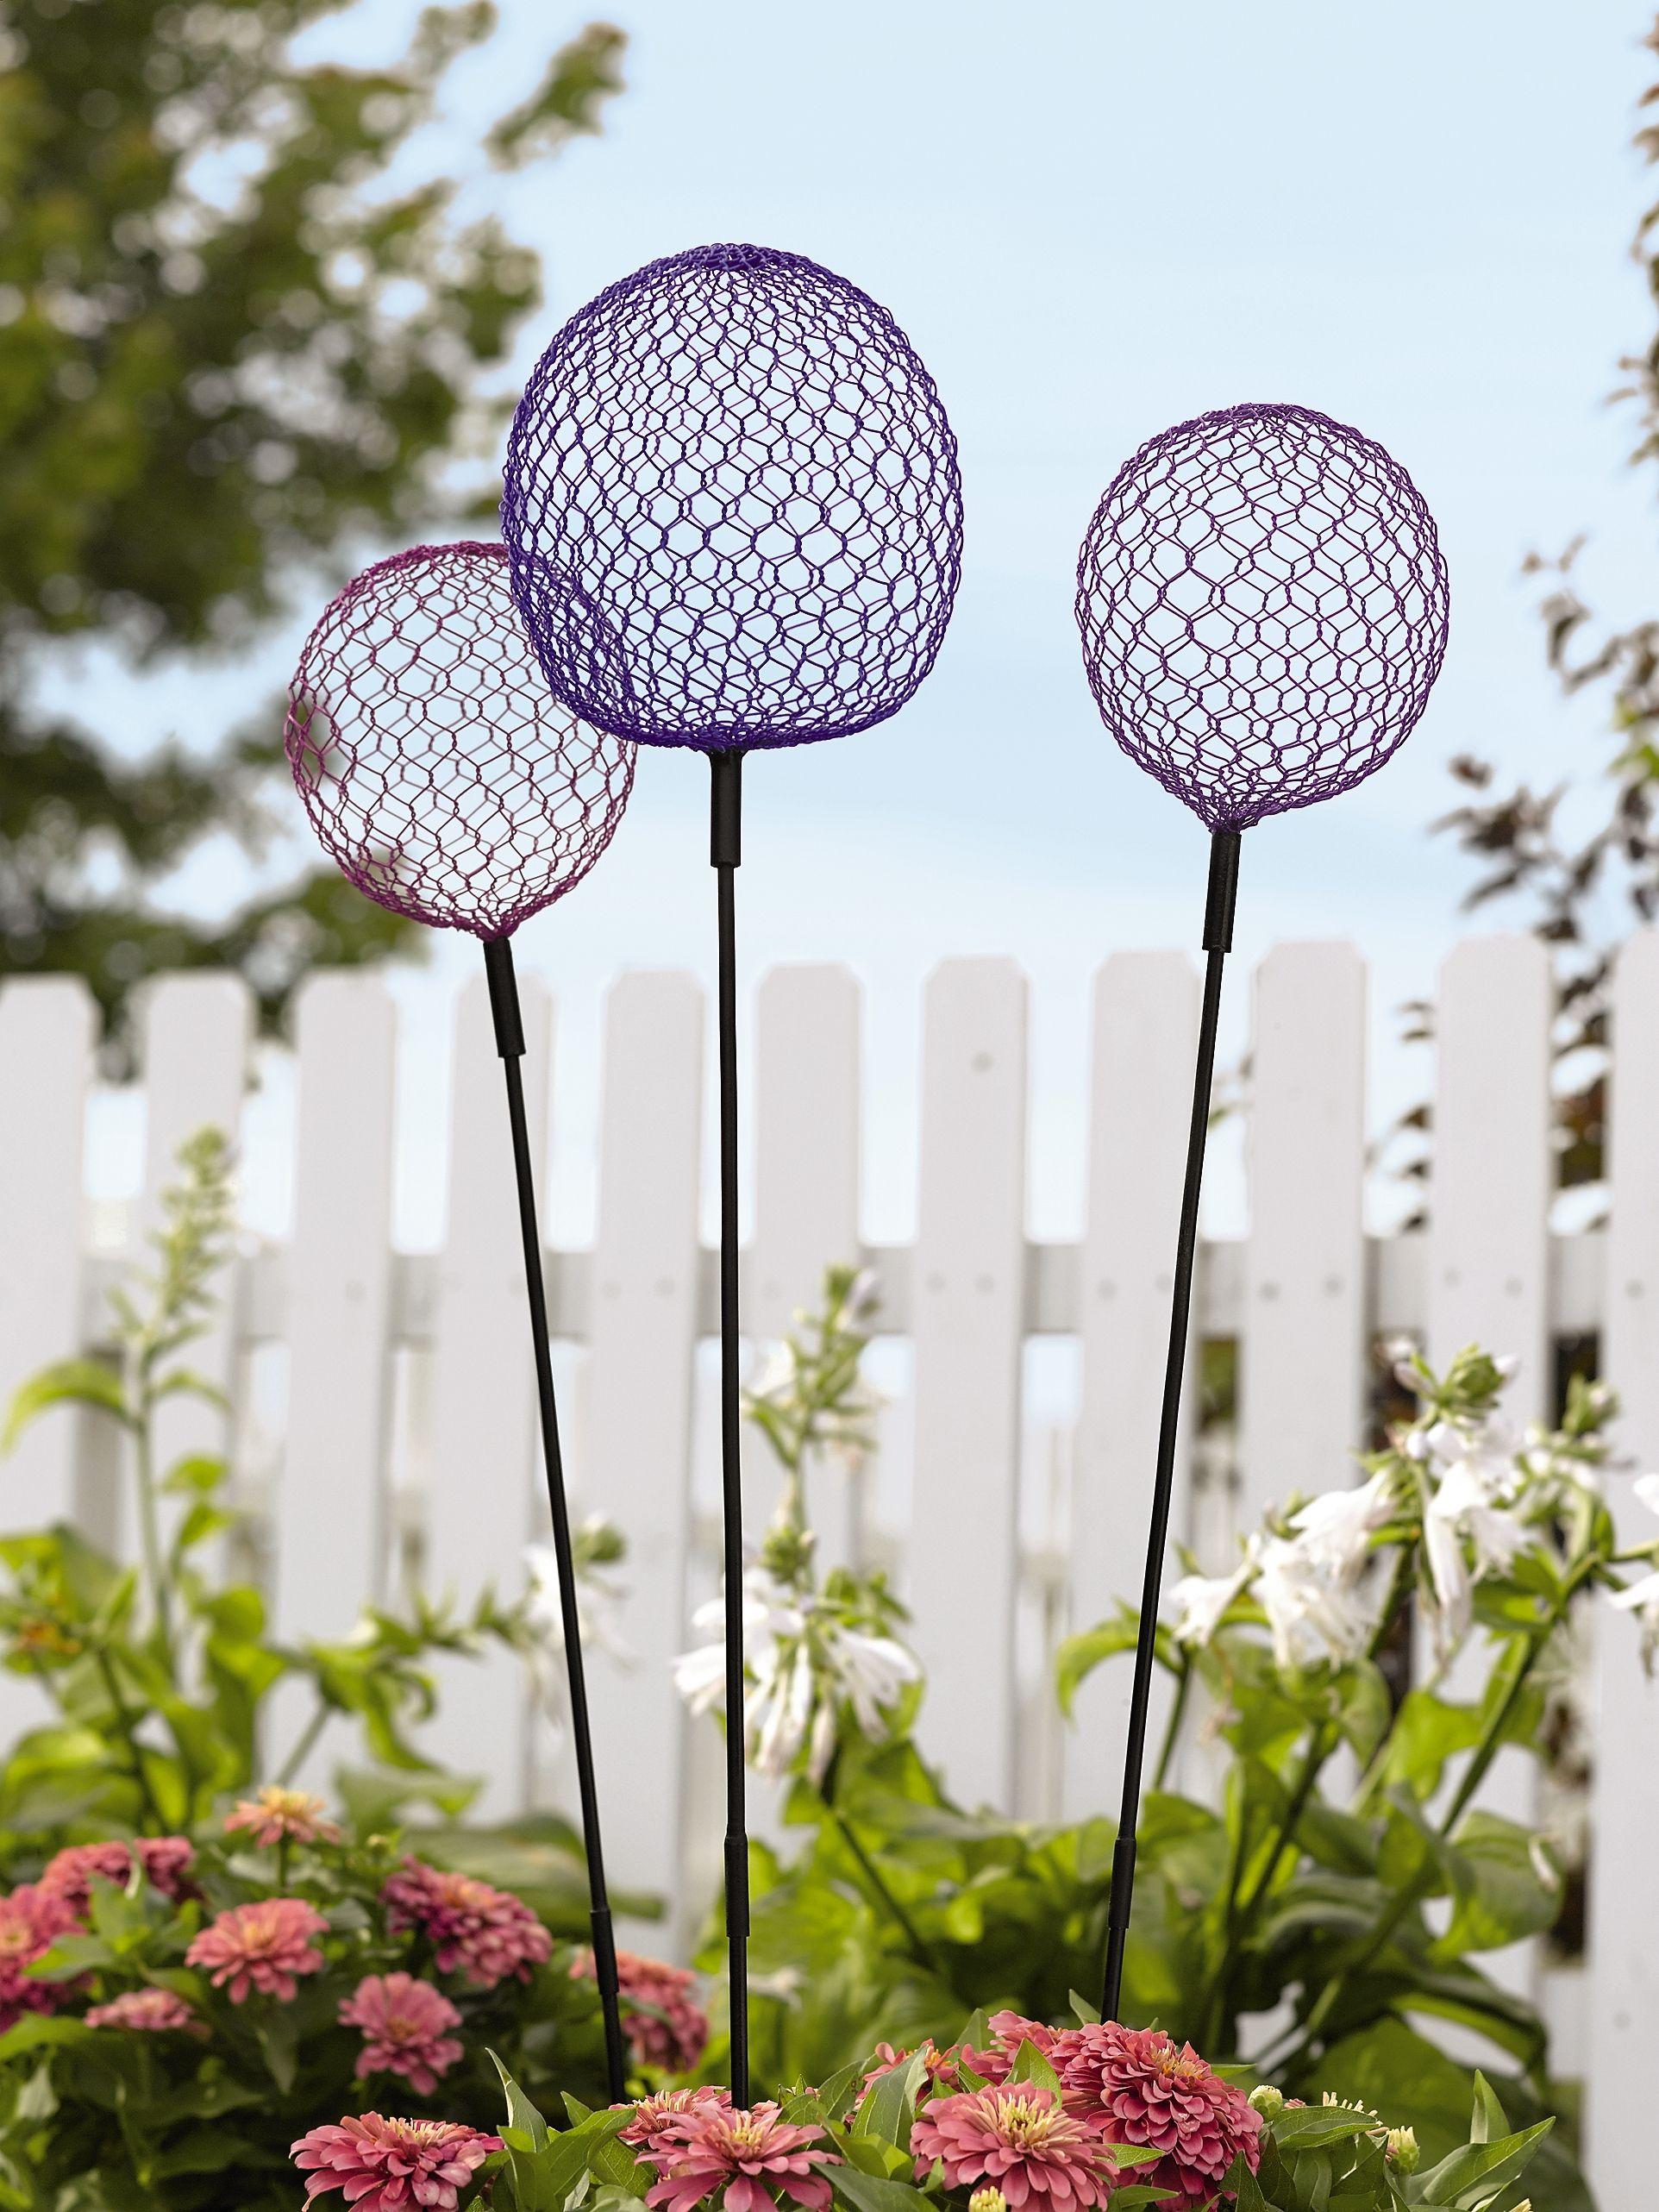 Globe Allium Stakes | Allium Sculpture Garden Art | Gardeners.com ...